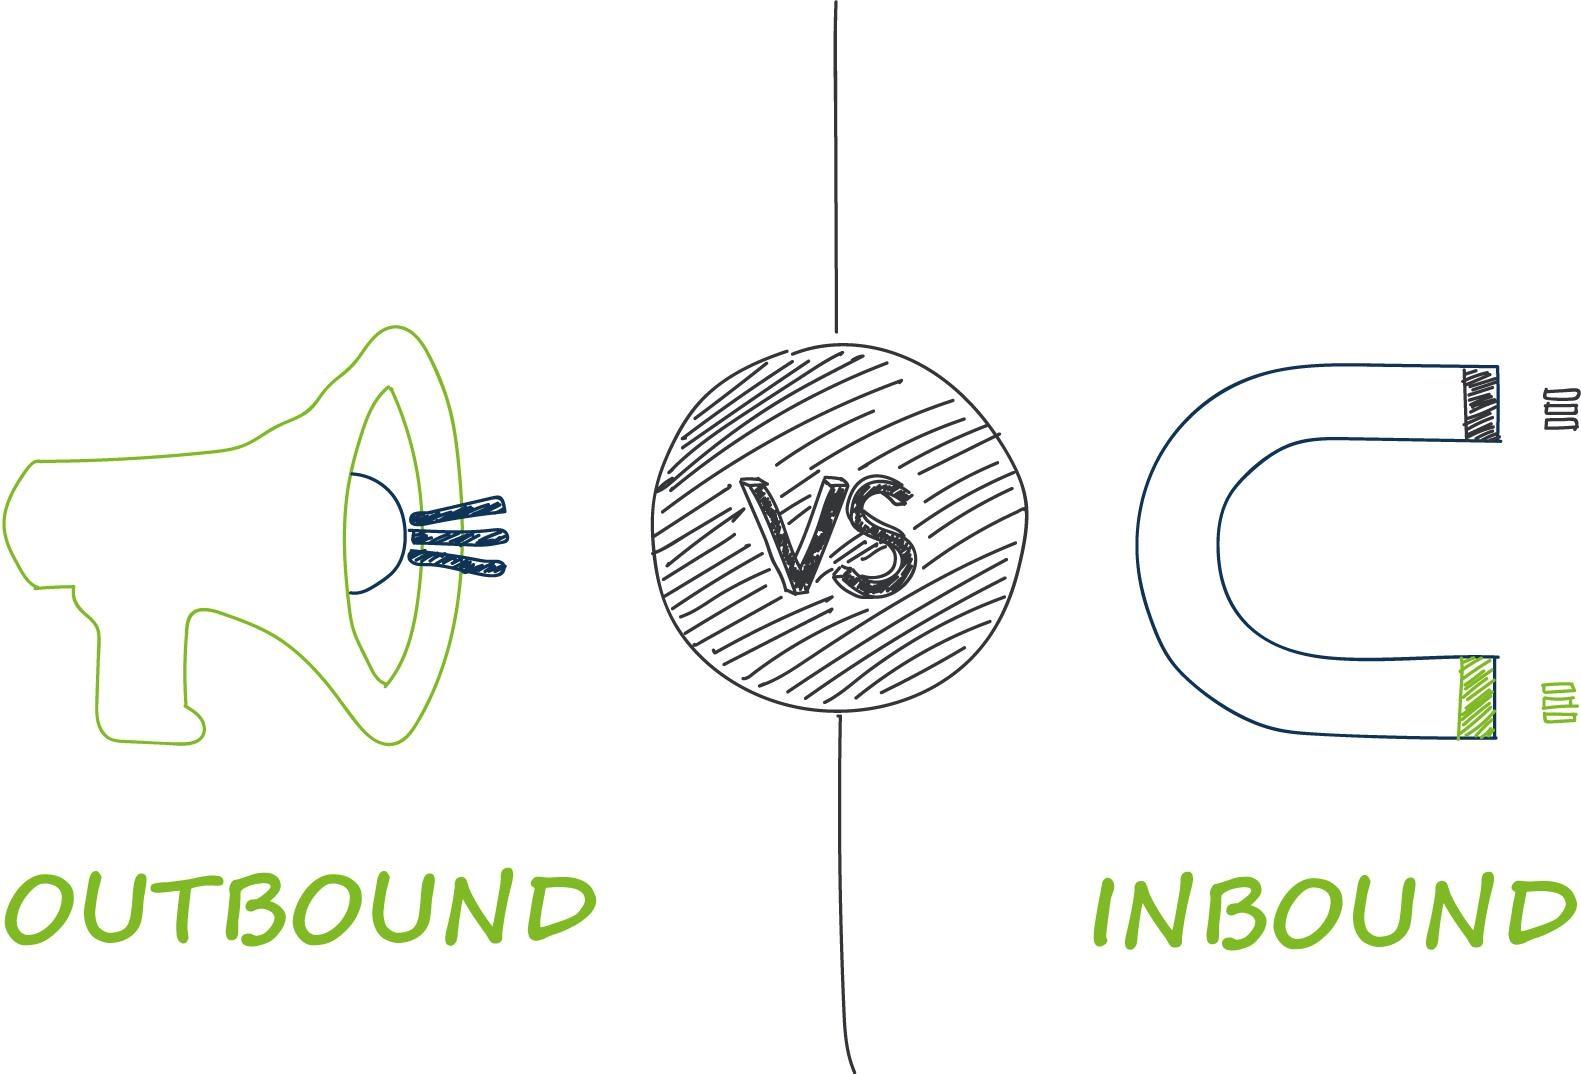 Inbound versus Outbound